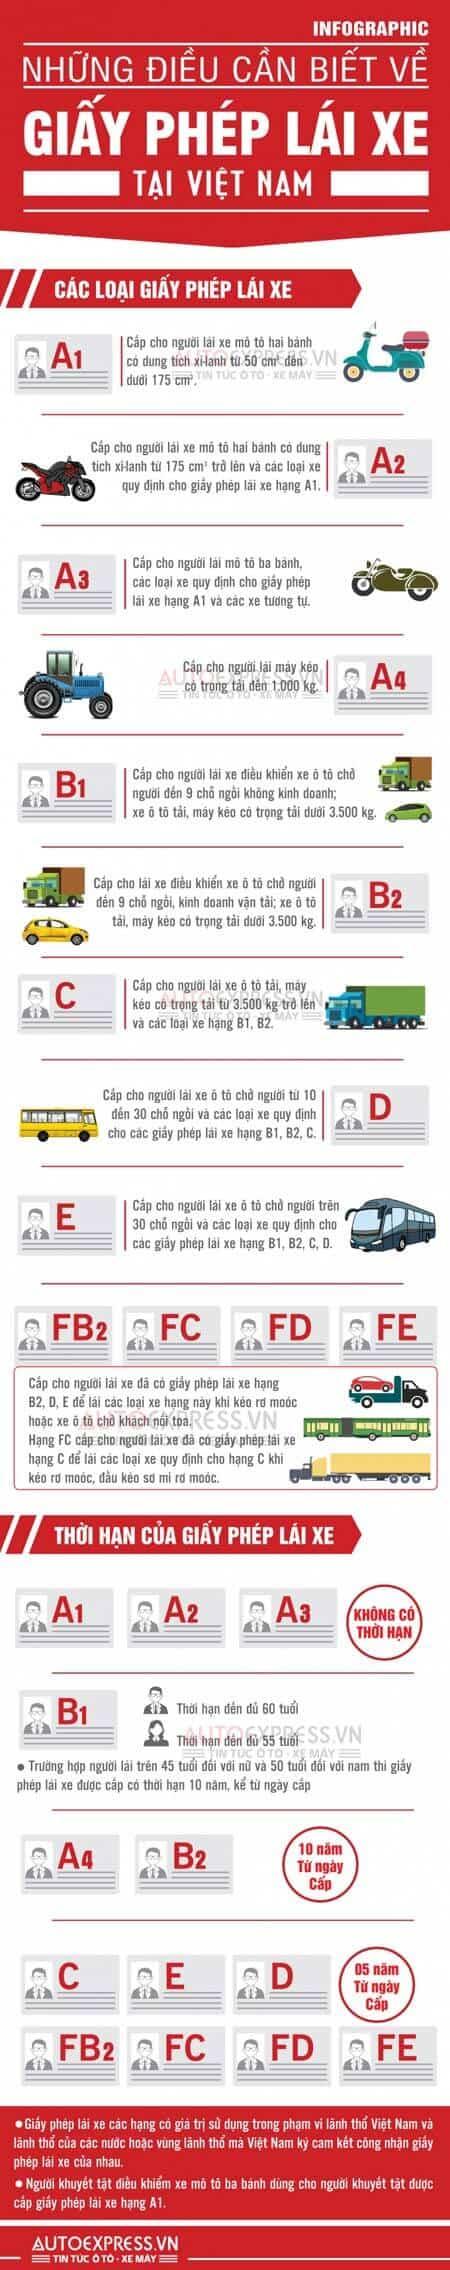 - pho-bien-phap-luat-giao-thong-viet-nam, blog-giao-thong - Danh mục các loại bằng lái xe tại Việt Nam